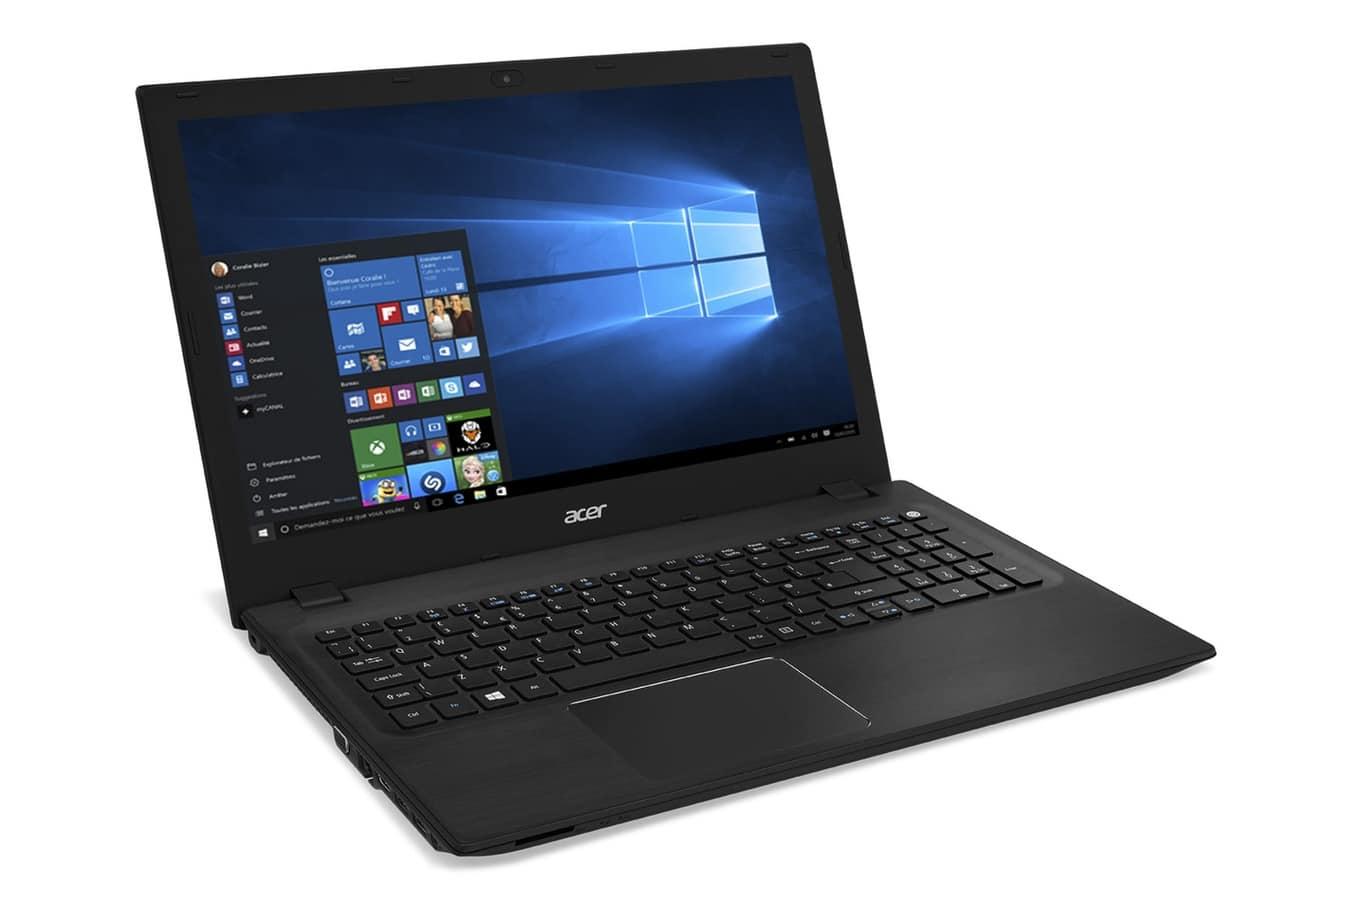 """<span class=""""toptagtitre""""><del>Soldes 549€ ! </span>Acer Aspire F5-571G-73ES, PC portable 15 pouces mat polyvalent</del>"""